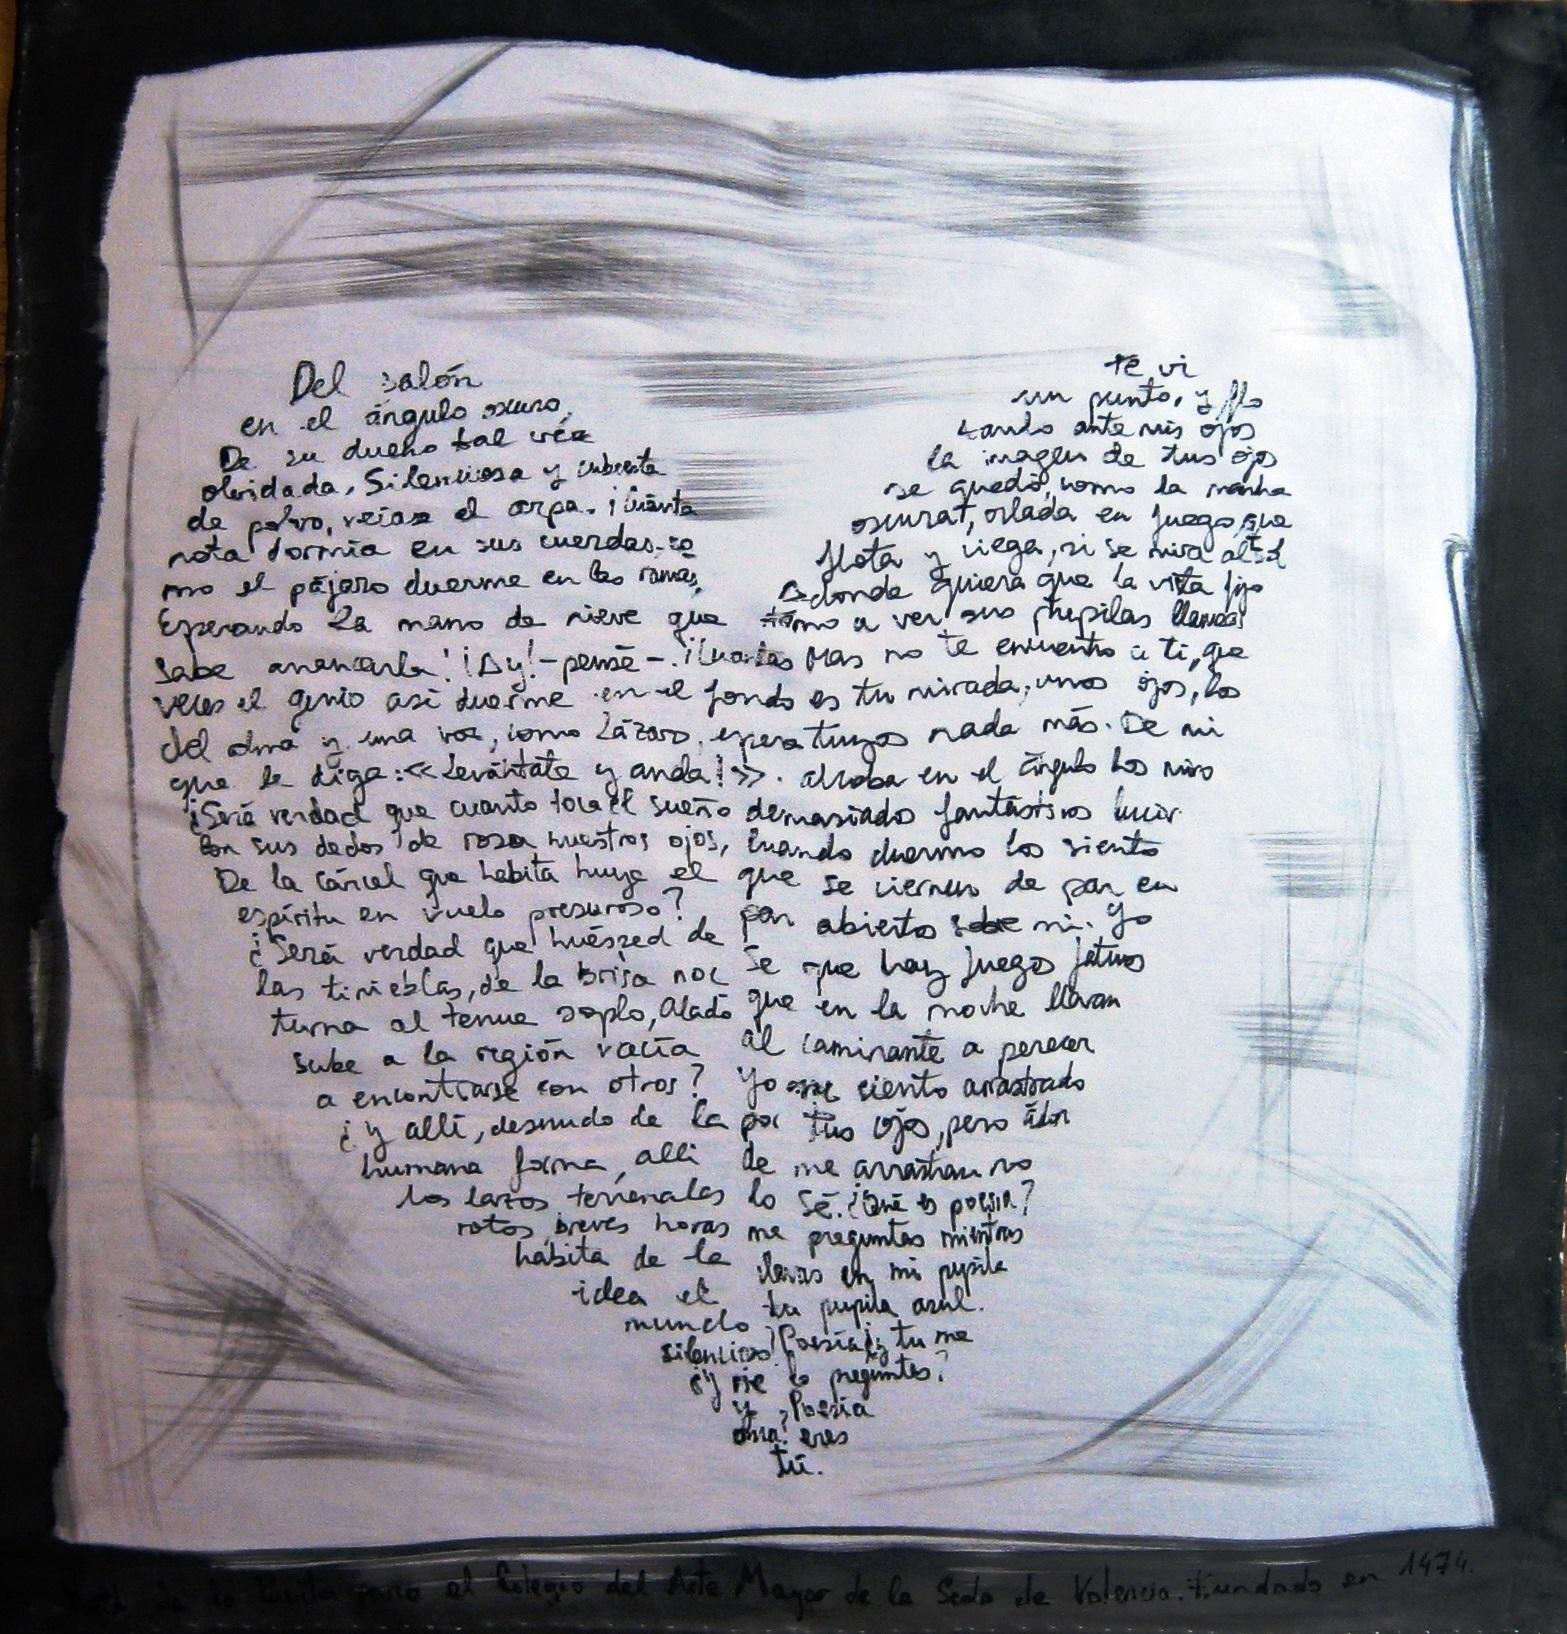 Pañuelo corazón poesía de Béquer